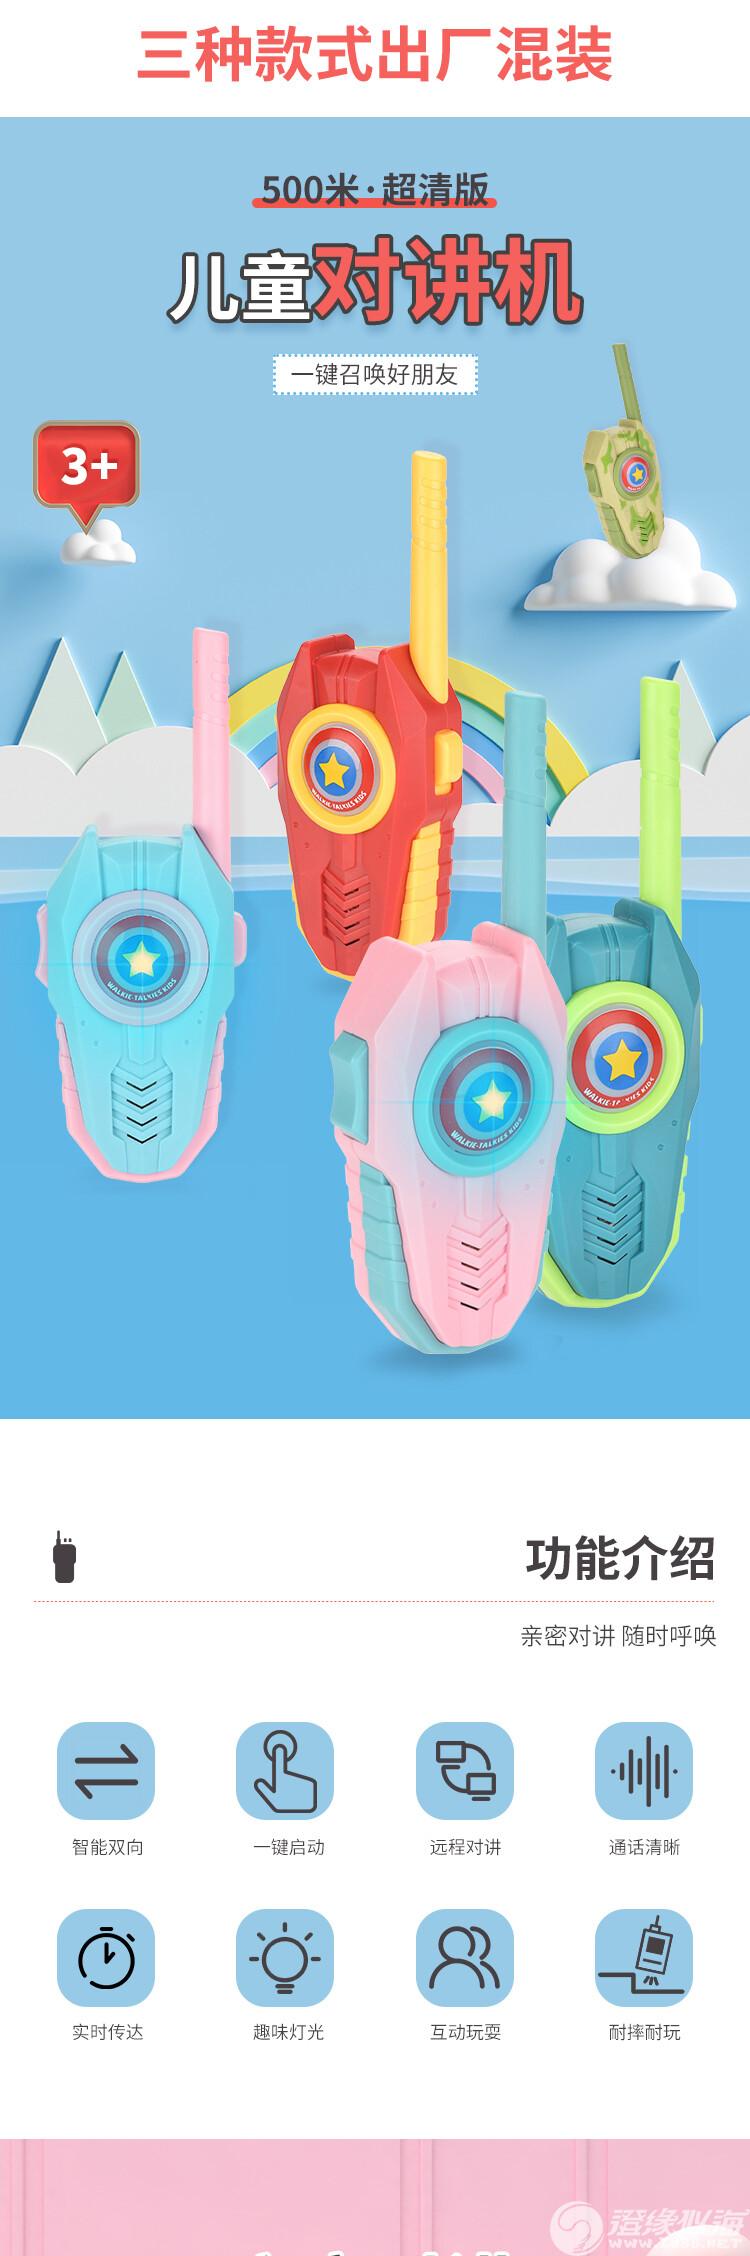 润龙玩具厂-儿童对讲机-中文版详情_01.jpg